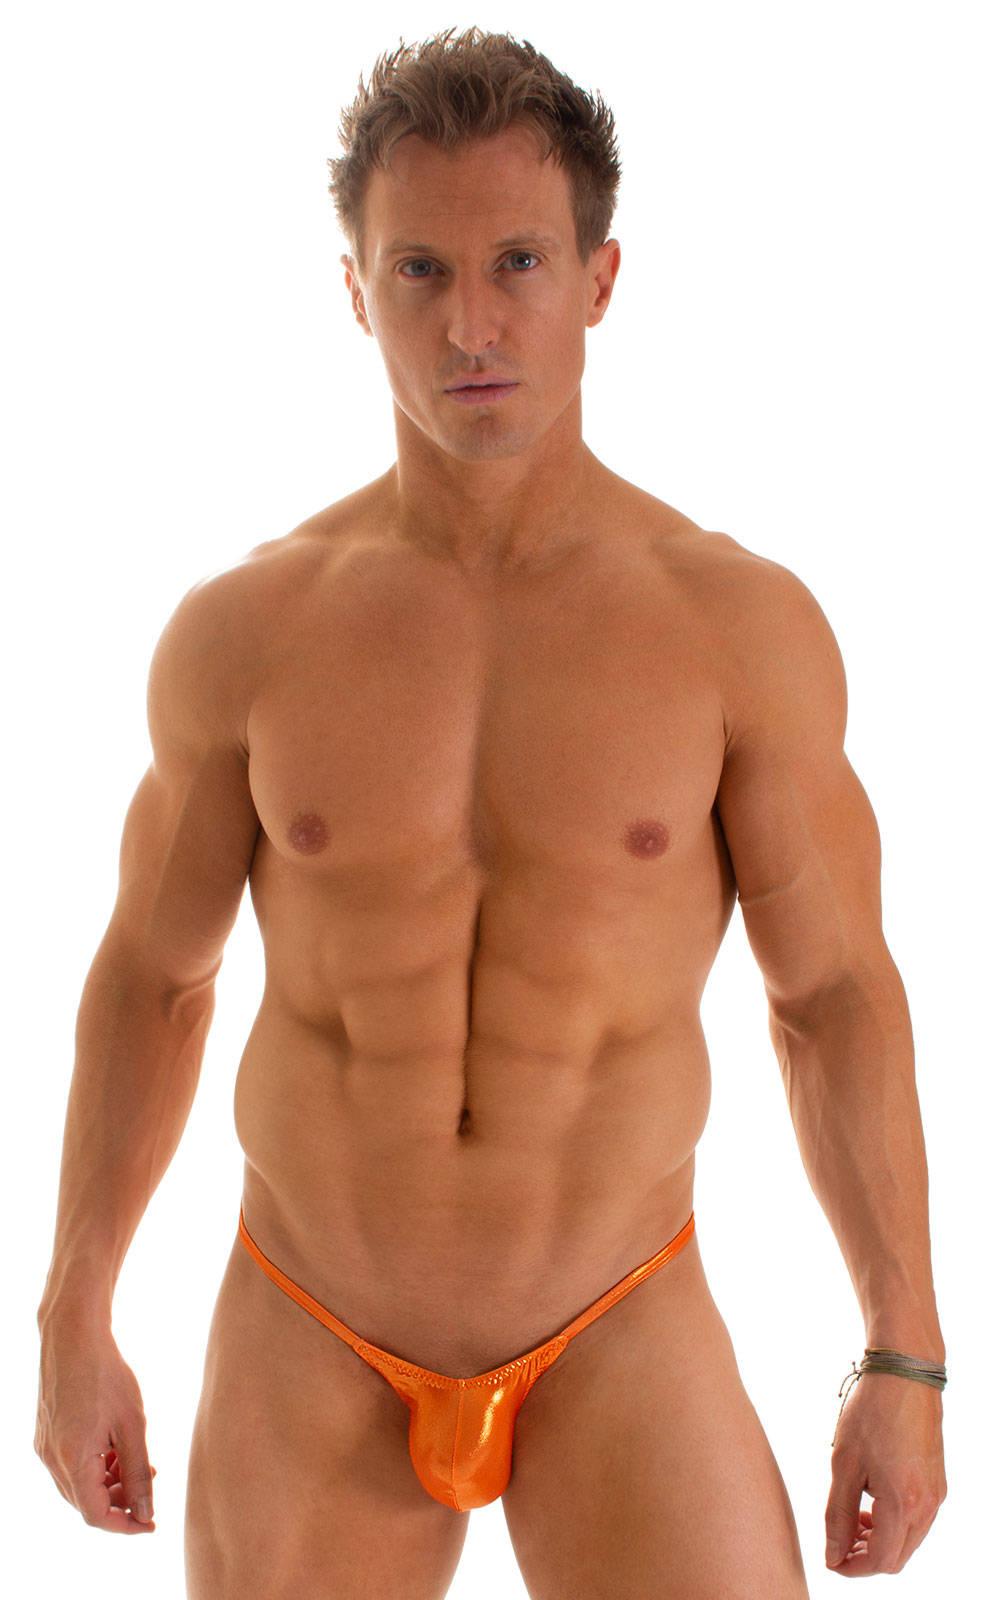 Micro Pouch - Puckered Back - Rio Bikini in Ice Karma Atomic Tangerine 2